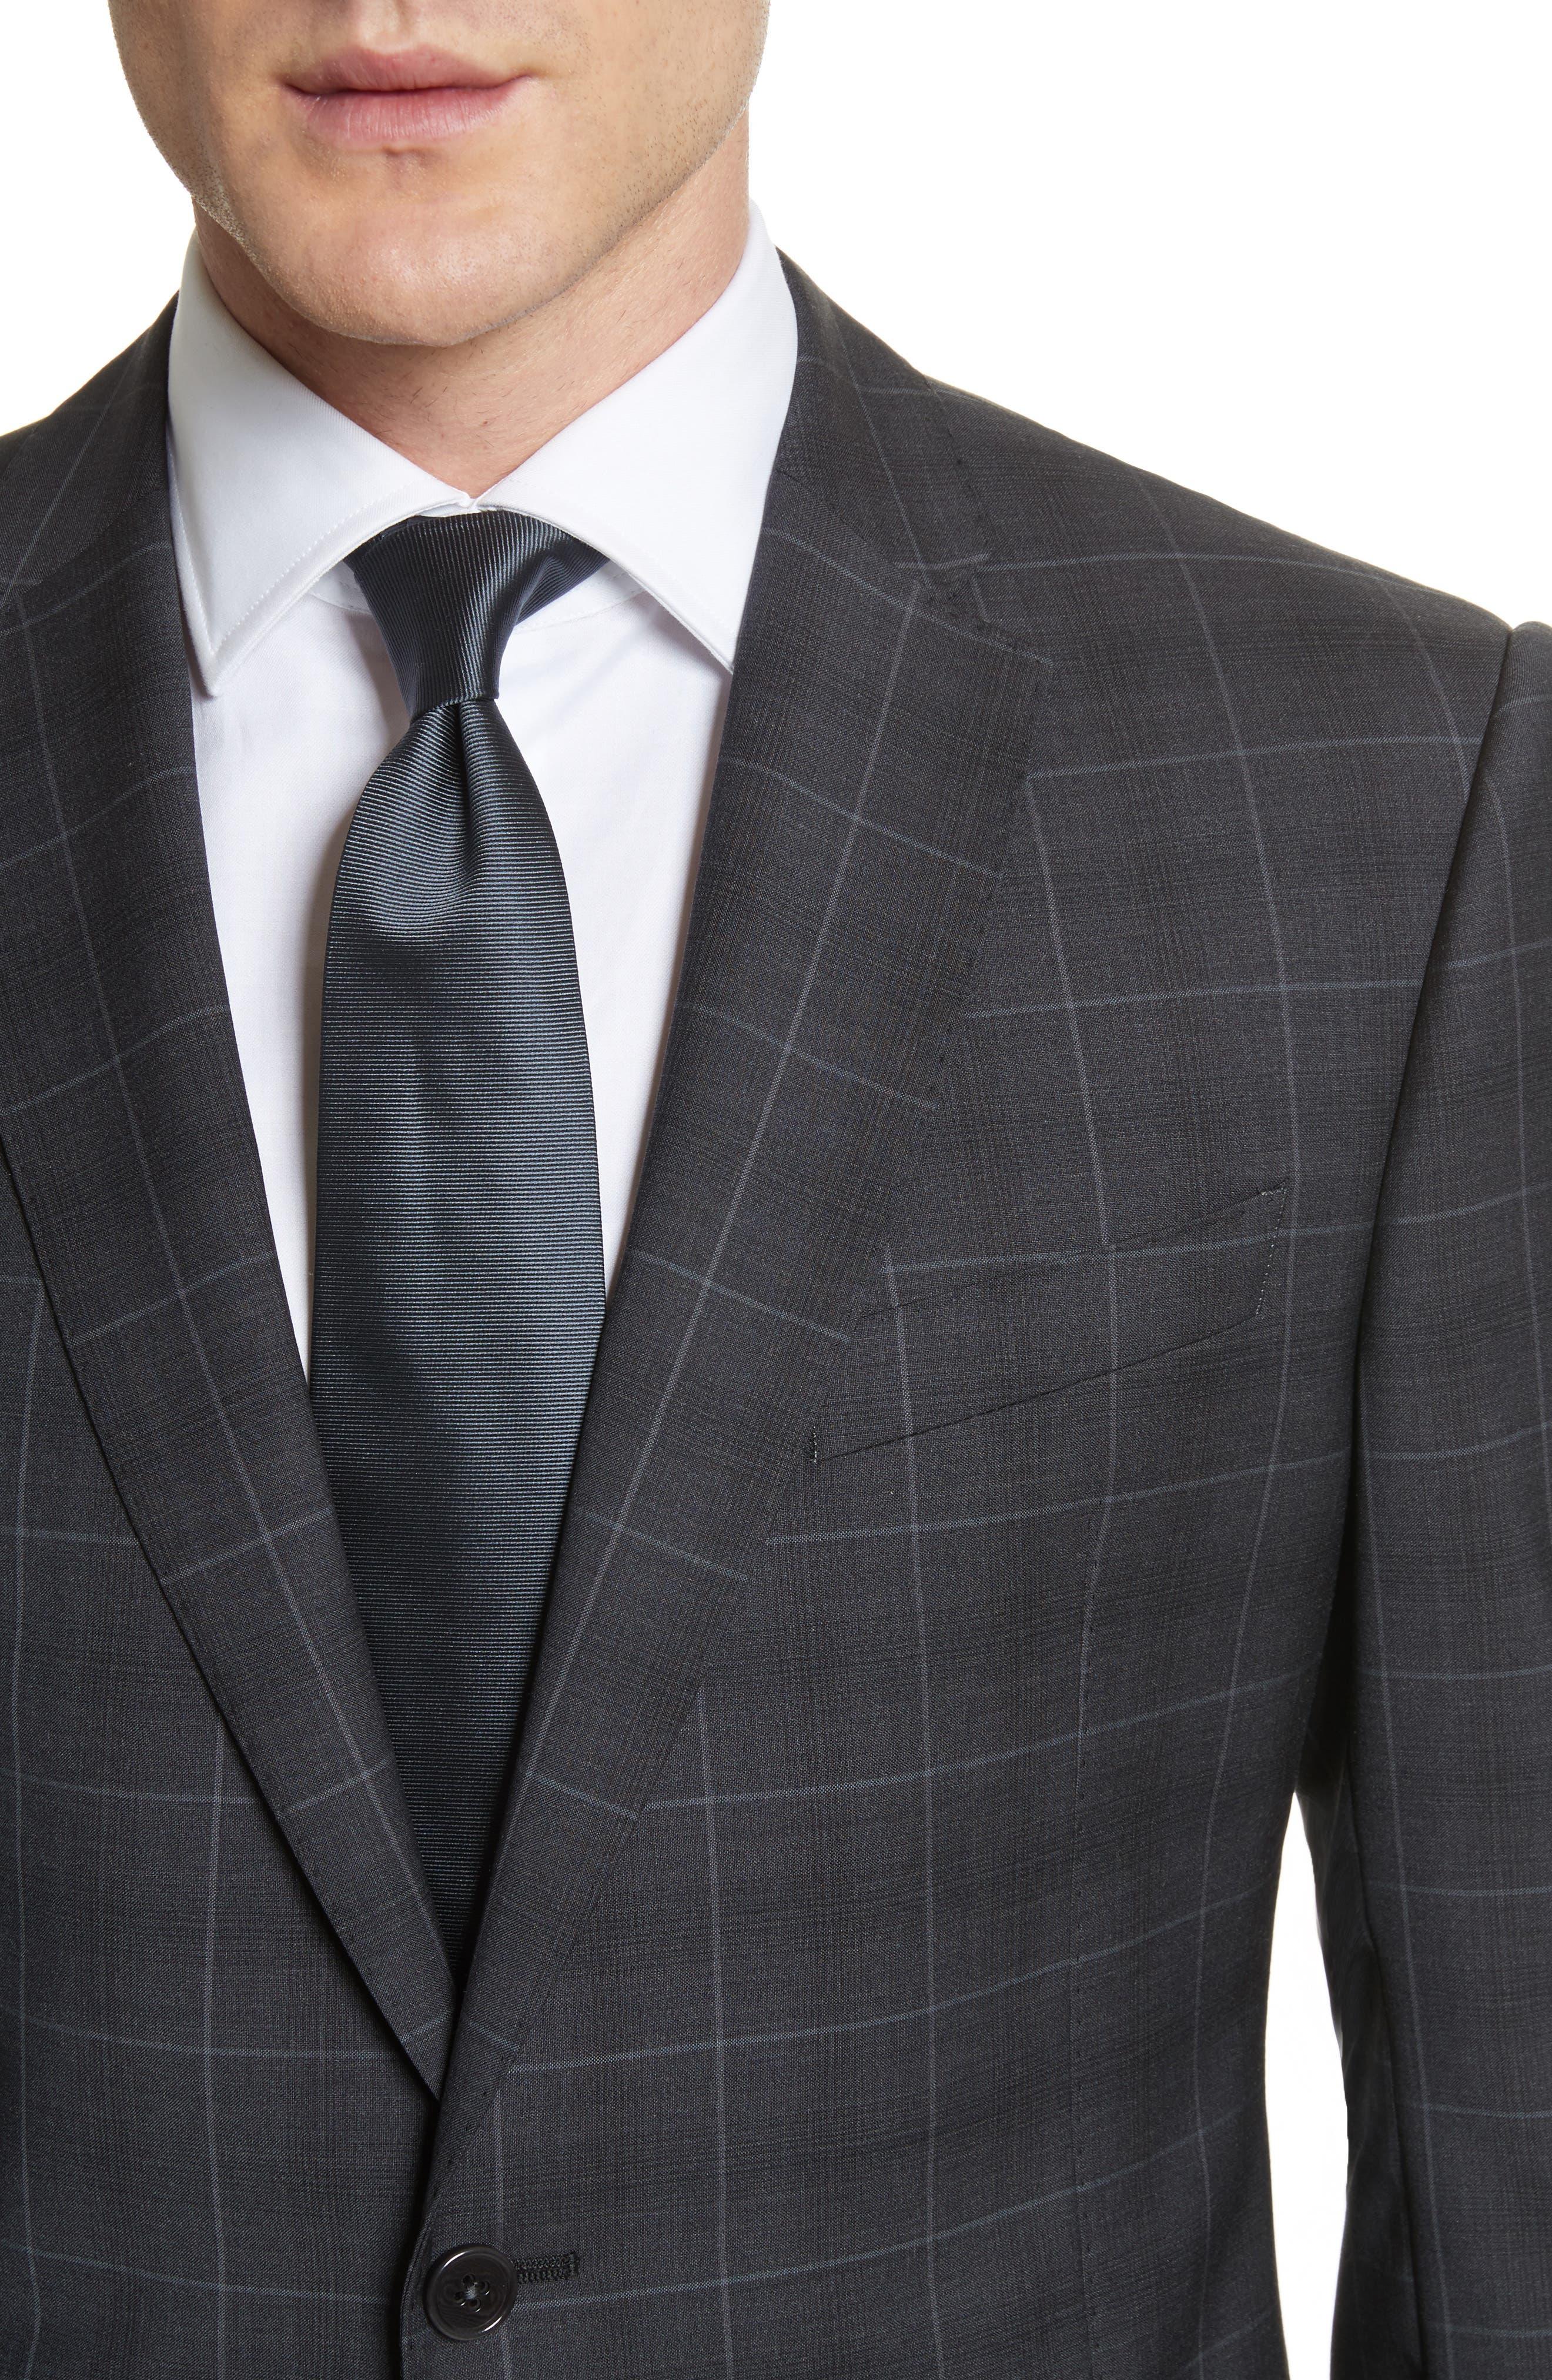 M-Line Trim Fit Plaid Wool Suit,                             Alternate thumbnail 4, color,                             027